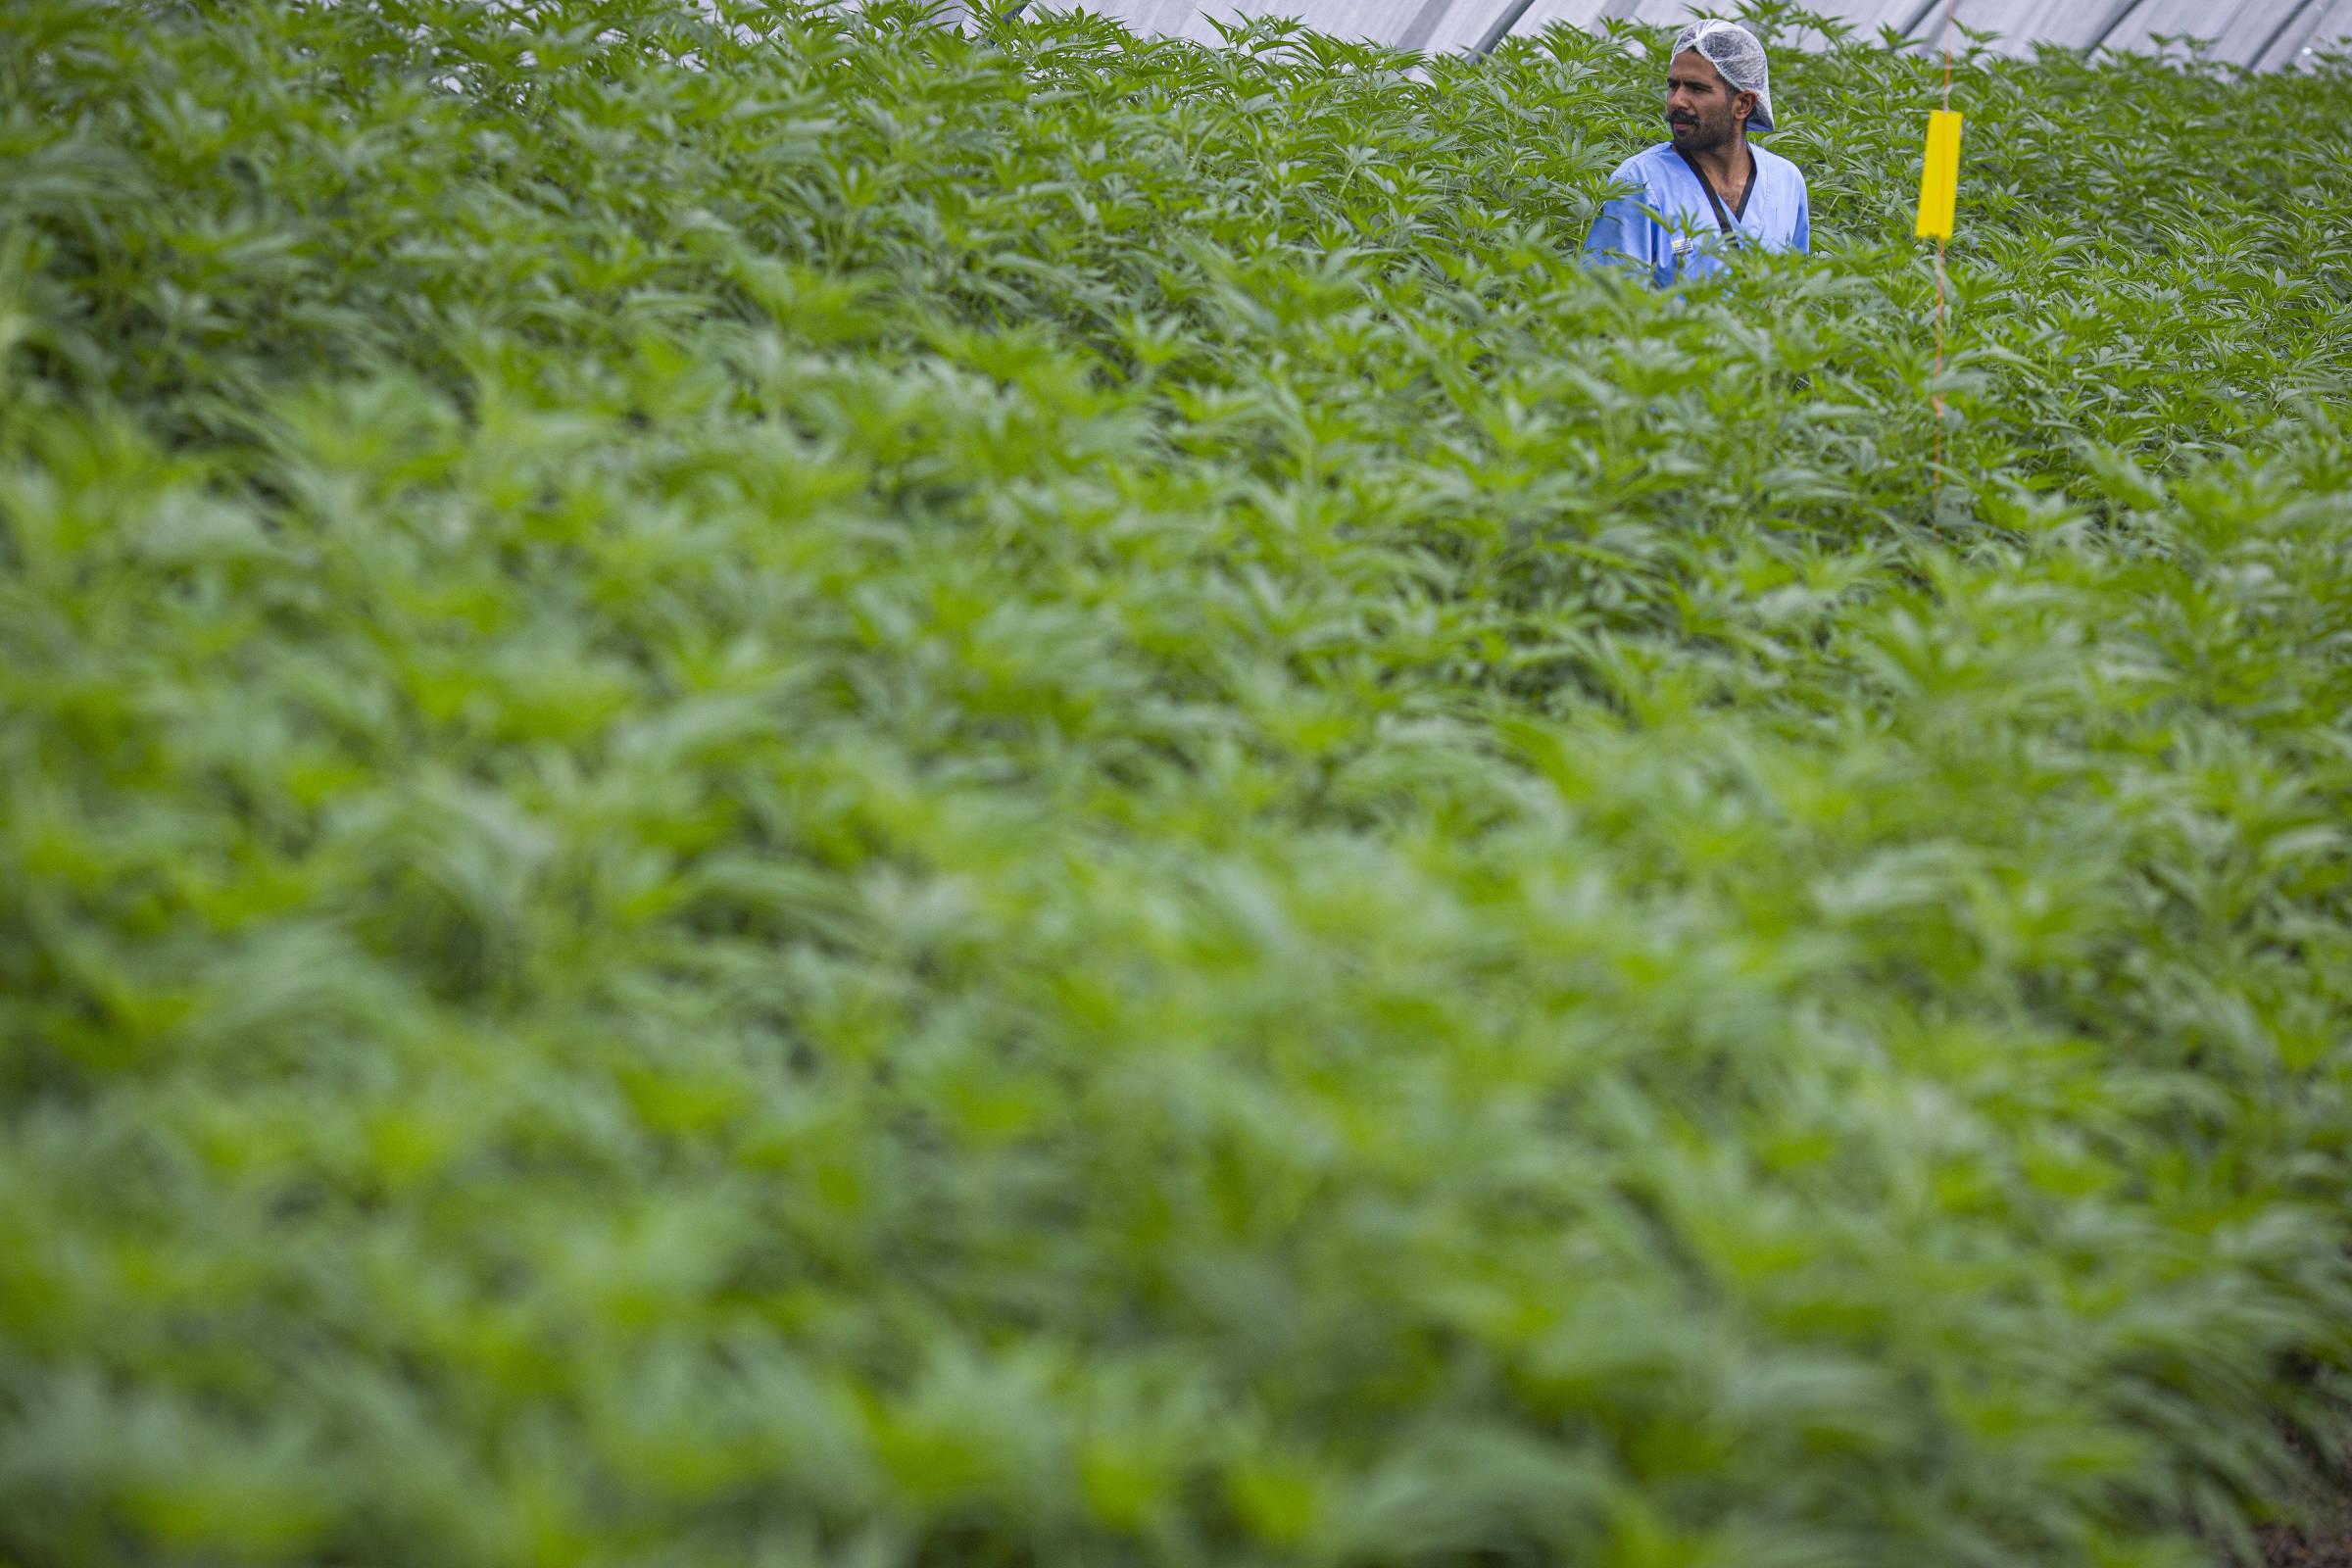 Plantação de maconha da empresa americana Fotmer na cidade de Colônia